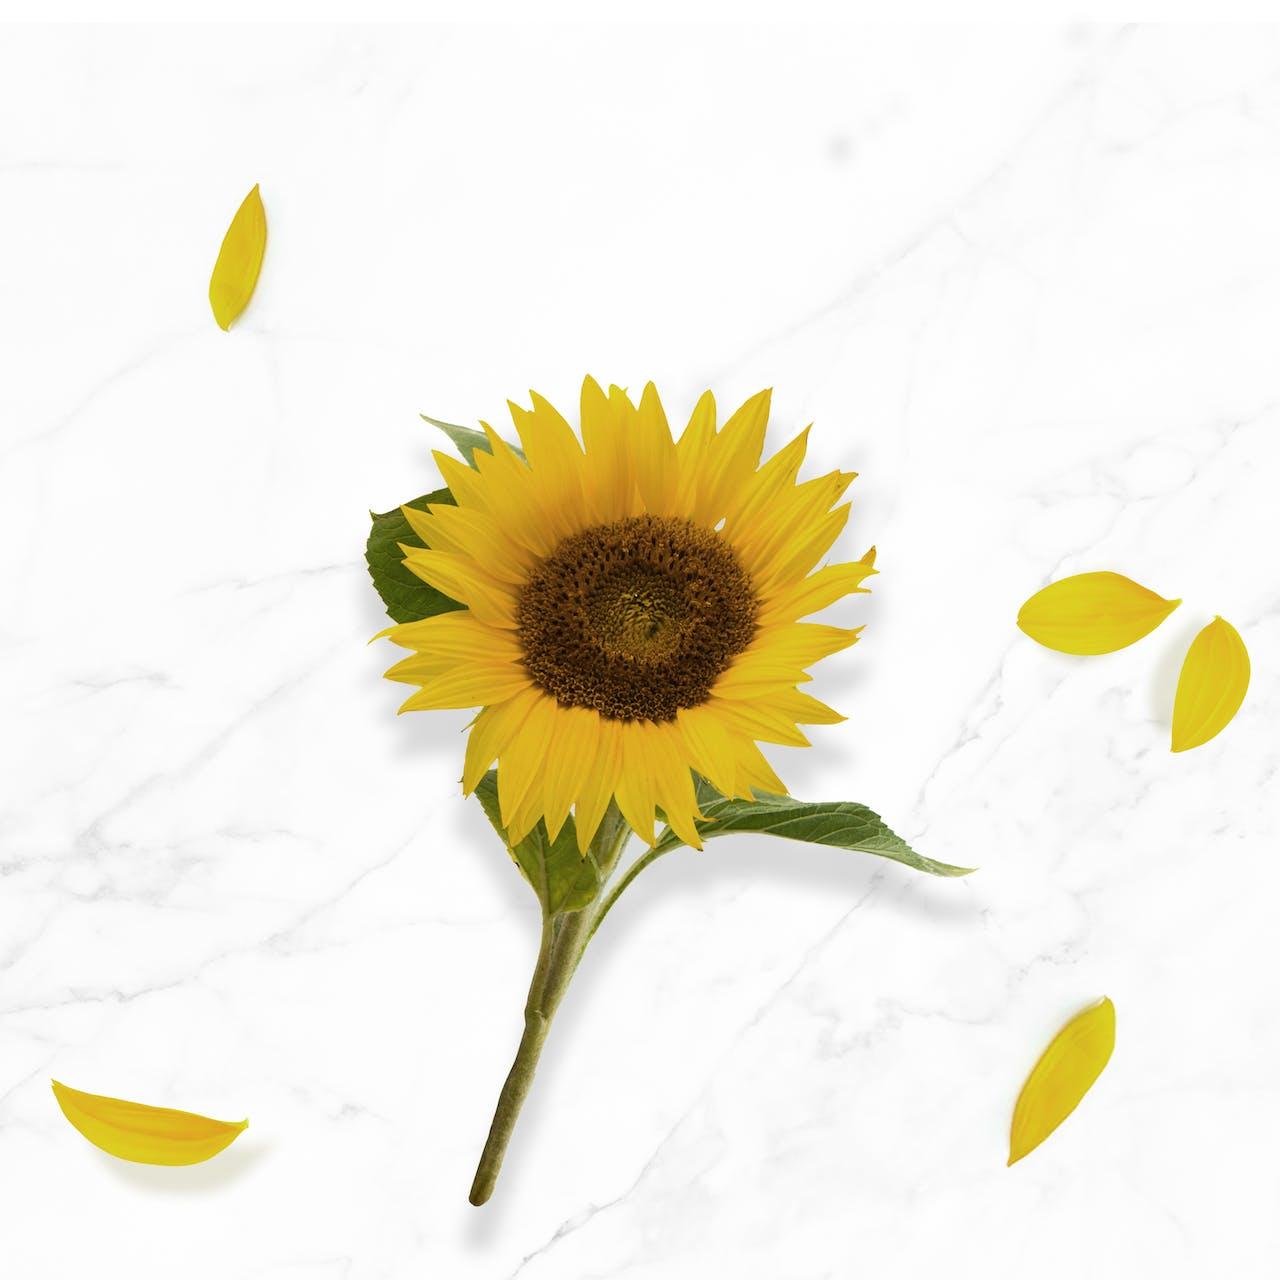 N.A.E. Inhaltsstoffe Bio-Sonnenblumenöl